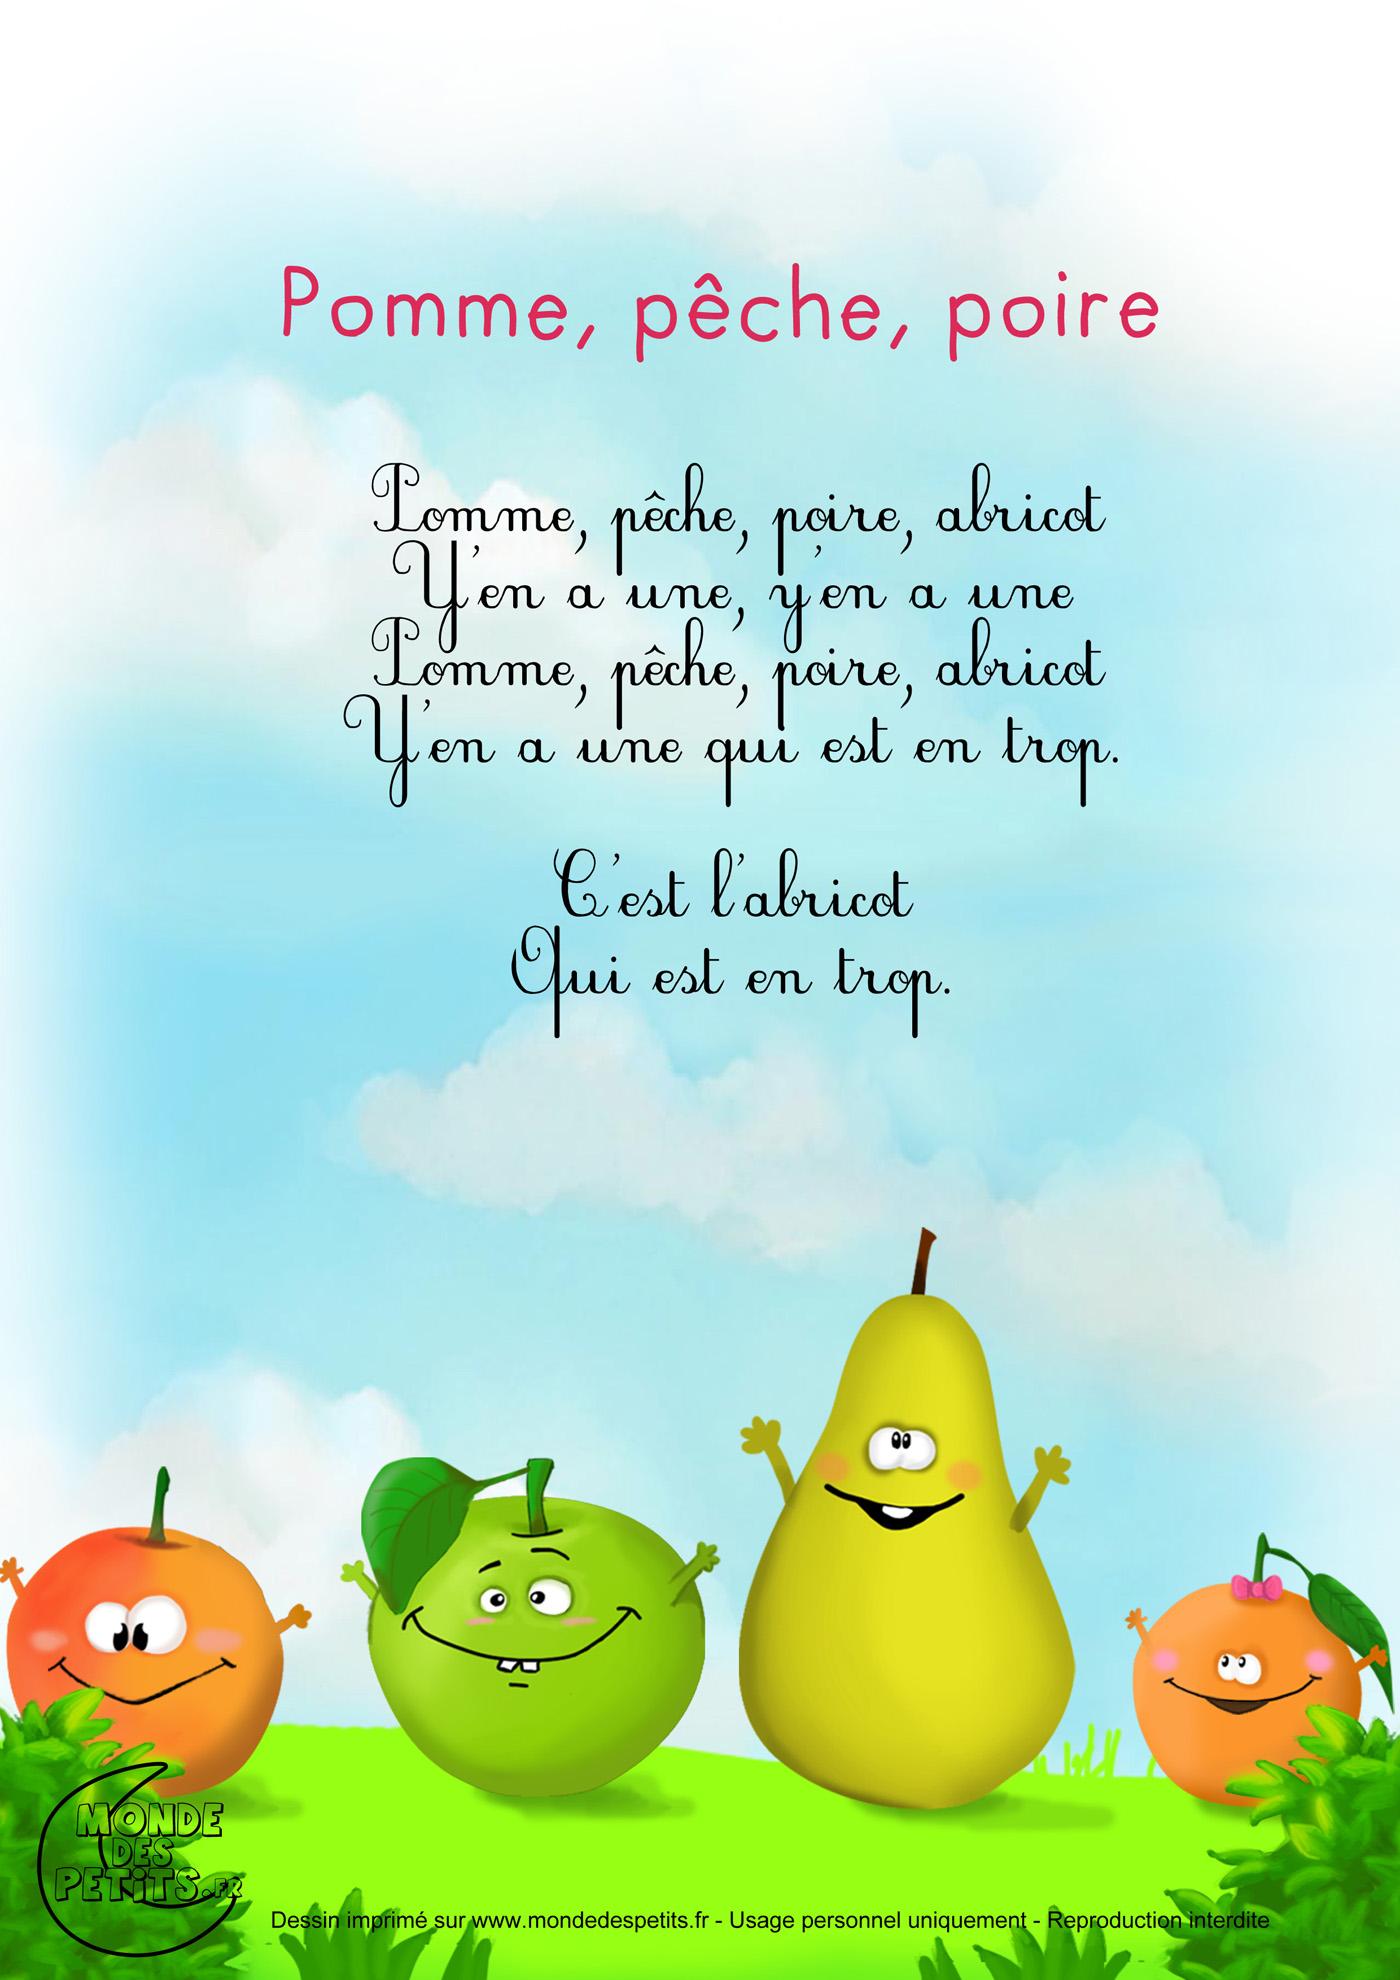 Pomme, pêche, poire, abricot 1